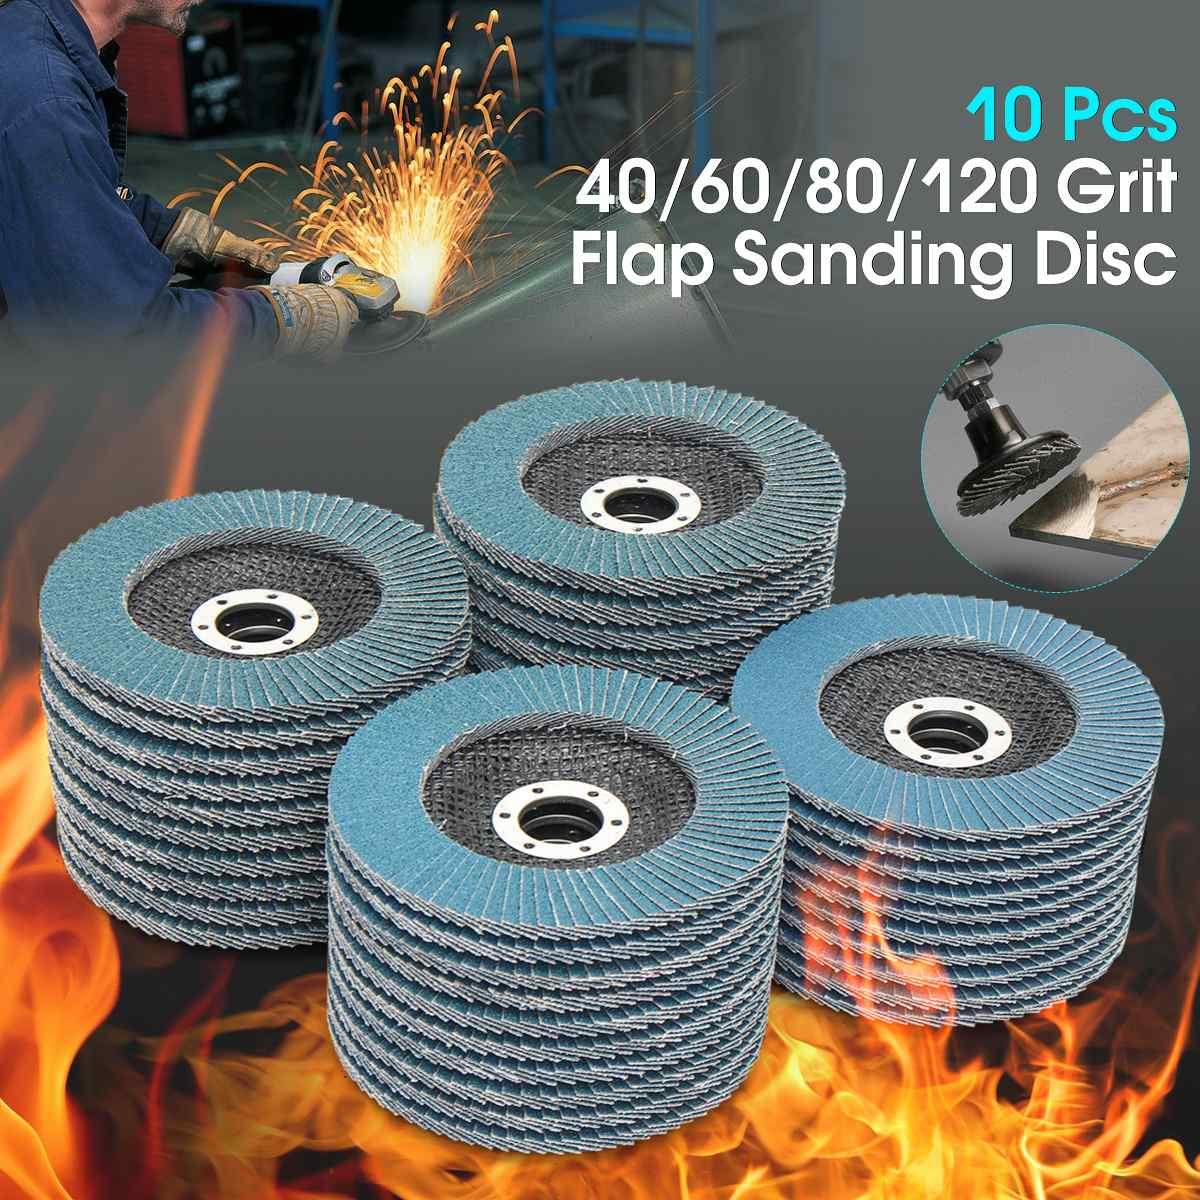 10 x Flap Disc 115mm Angle Grinder Sanding Disc 40 60 80 120 Grit Grinder Wheels